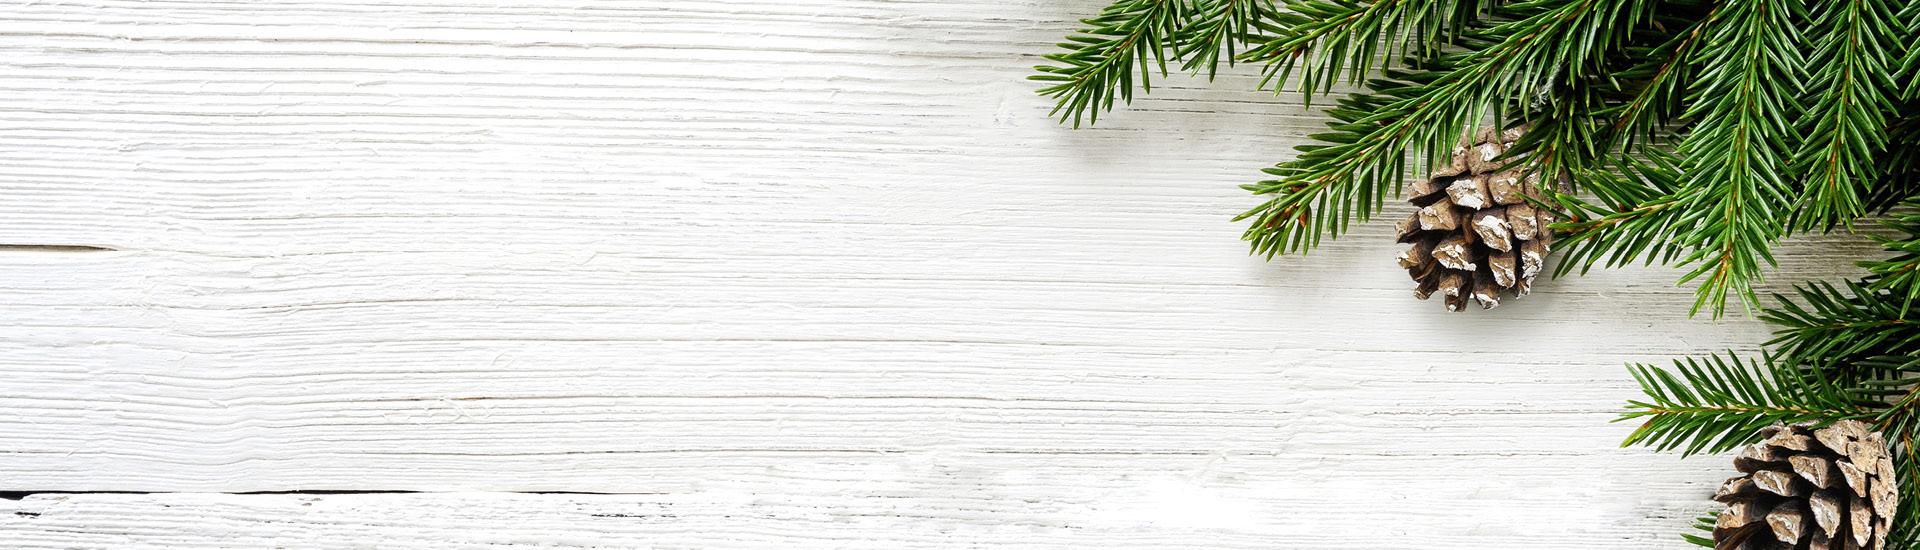 Weine - Geschenkideen für Ihr Fest 11-12/2018 - Slider